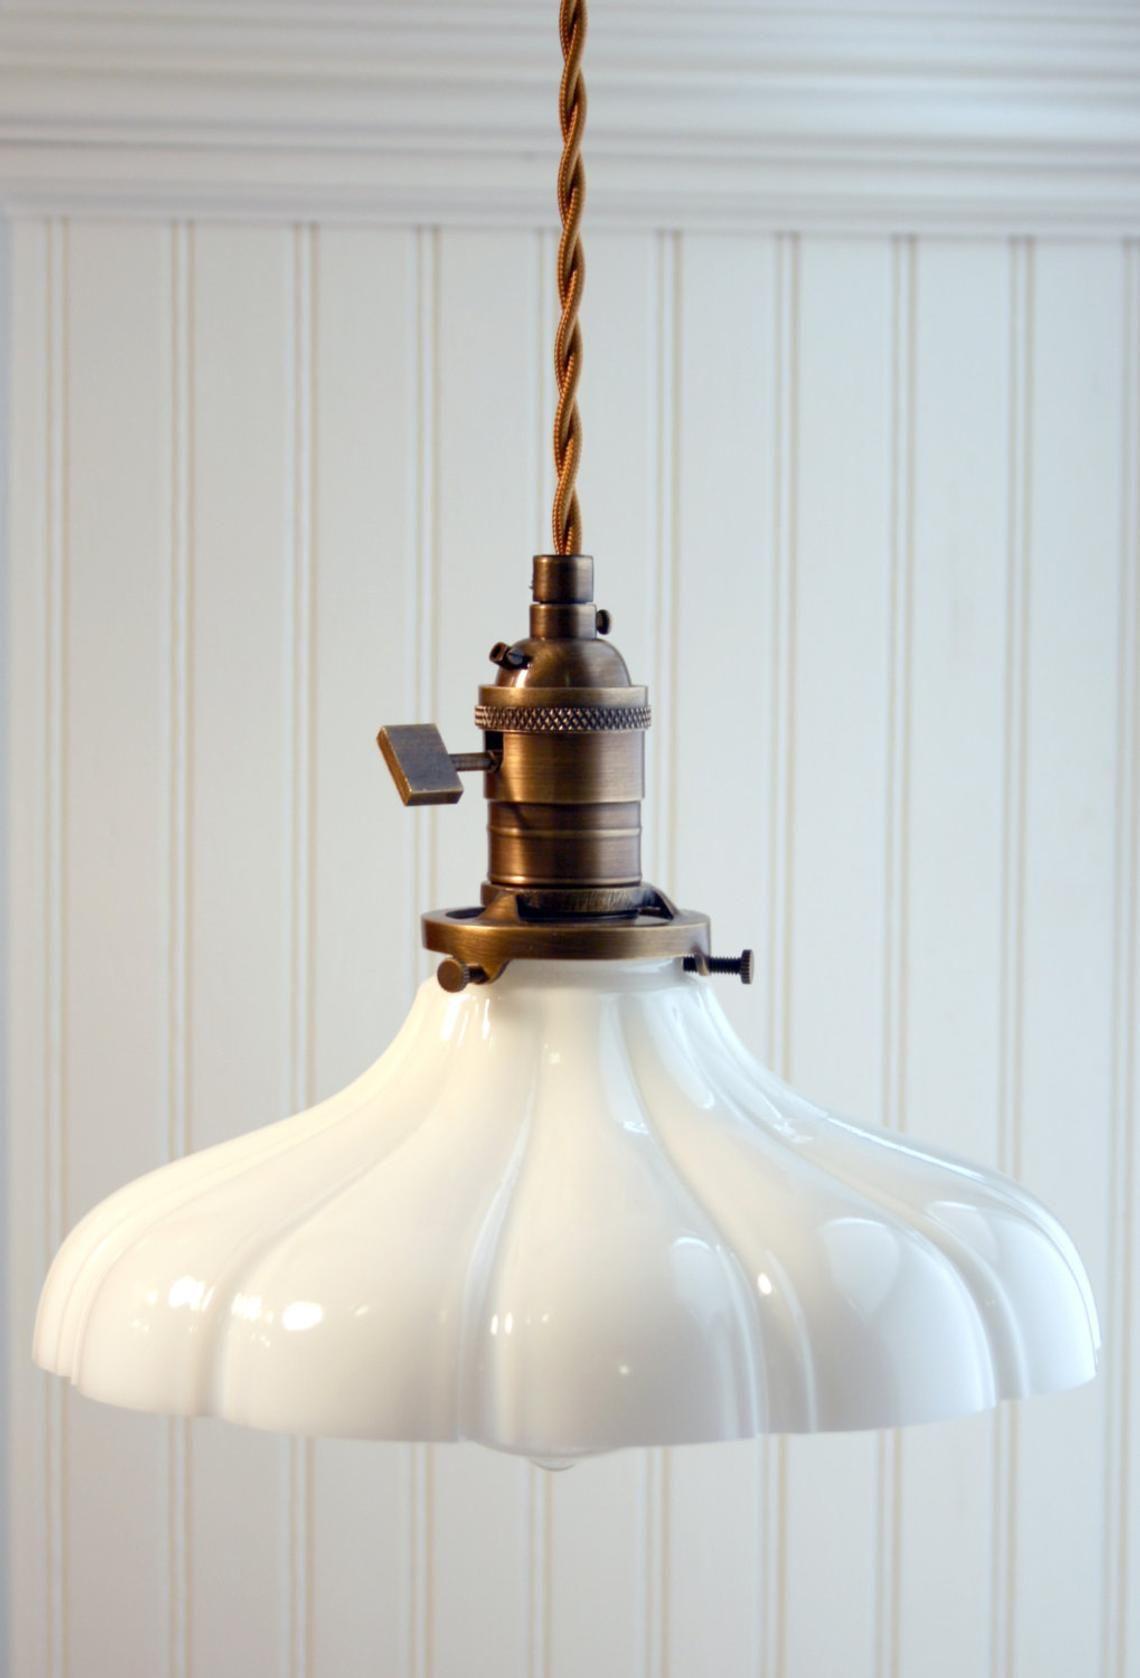 Sheffield Antique Brass Bare Wire Vintage Style Pendant Light Antique Light Fixtures Vintage Light Fixtures Antique Lighting